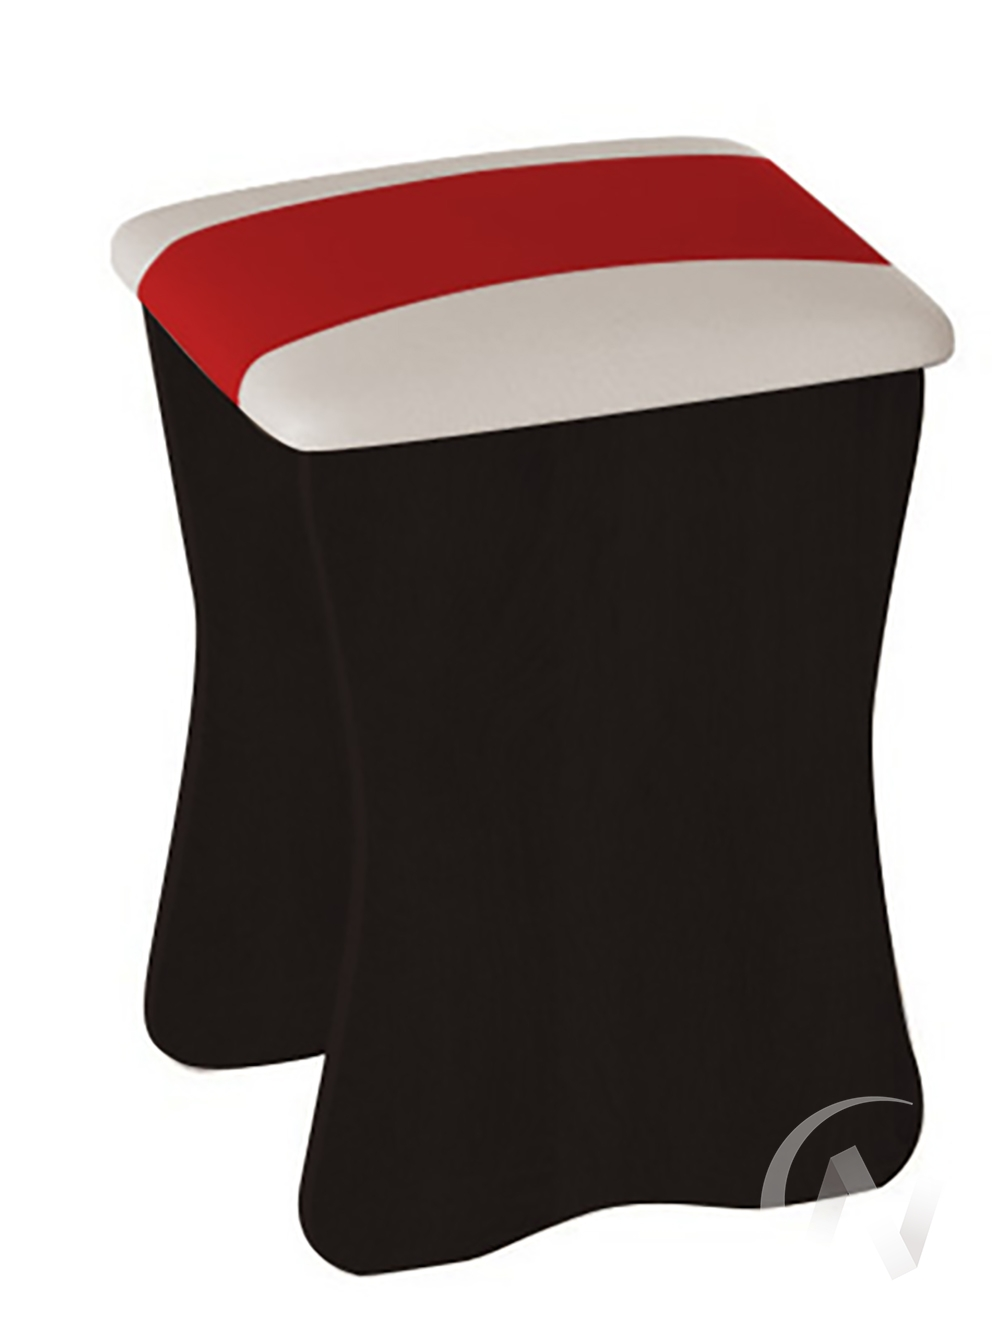 Табурет (венге белый+красный) комплект 2 шт.  в Томске — интернет магазин МИРА-мебель